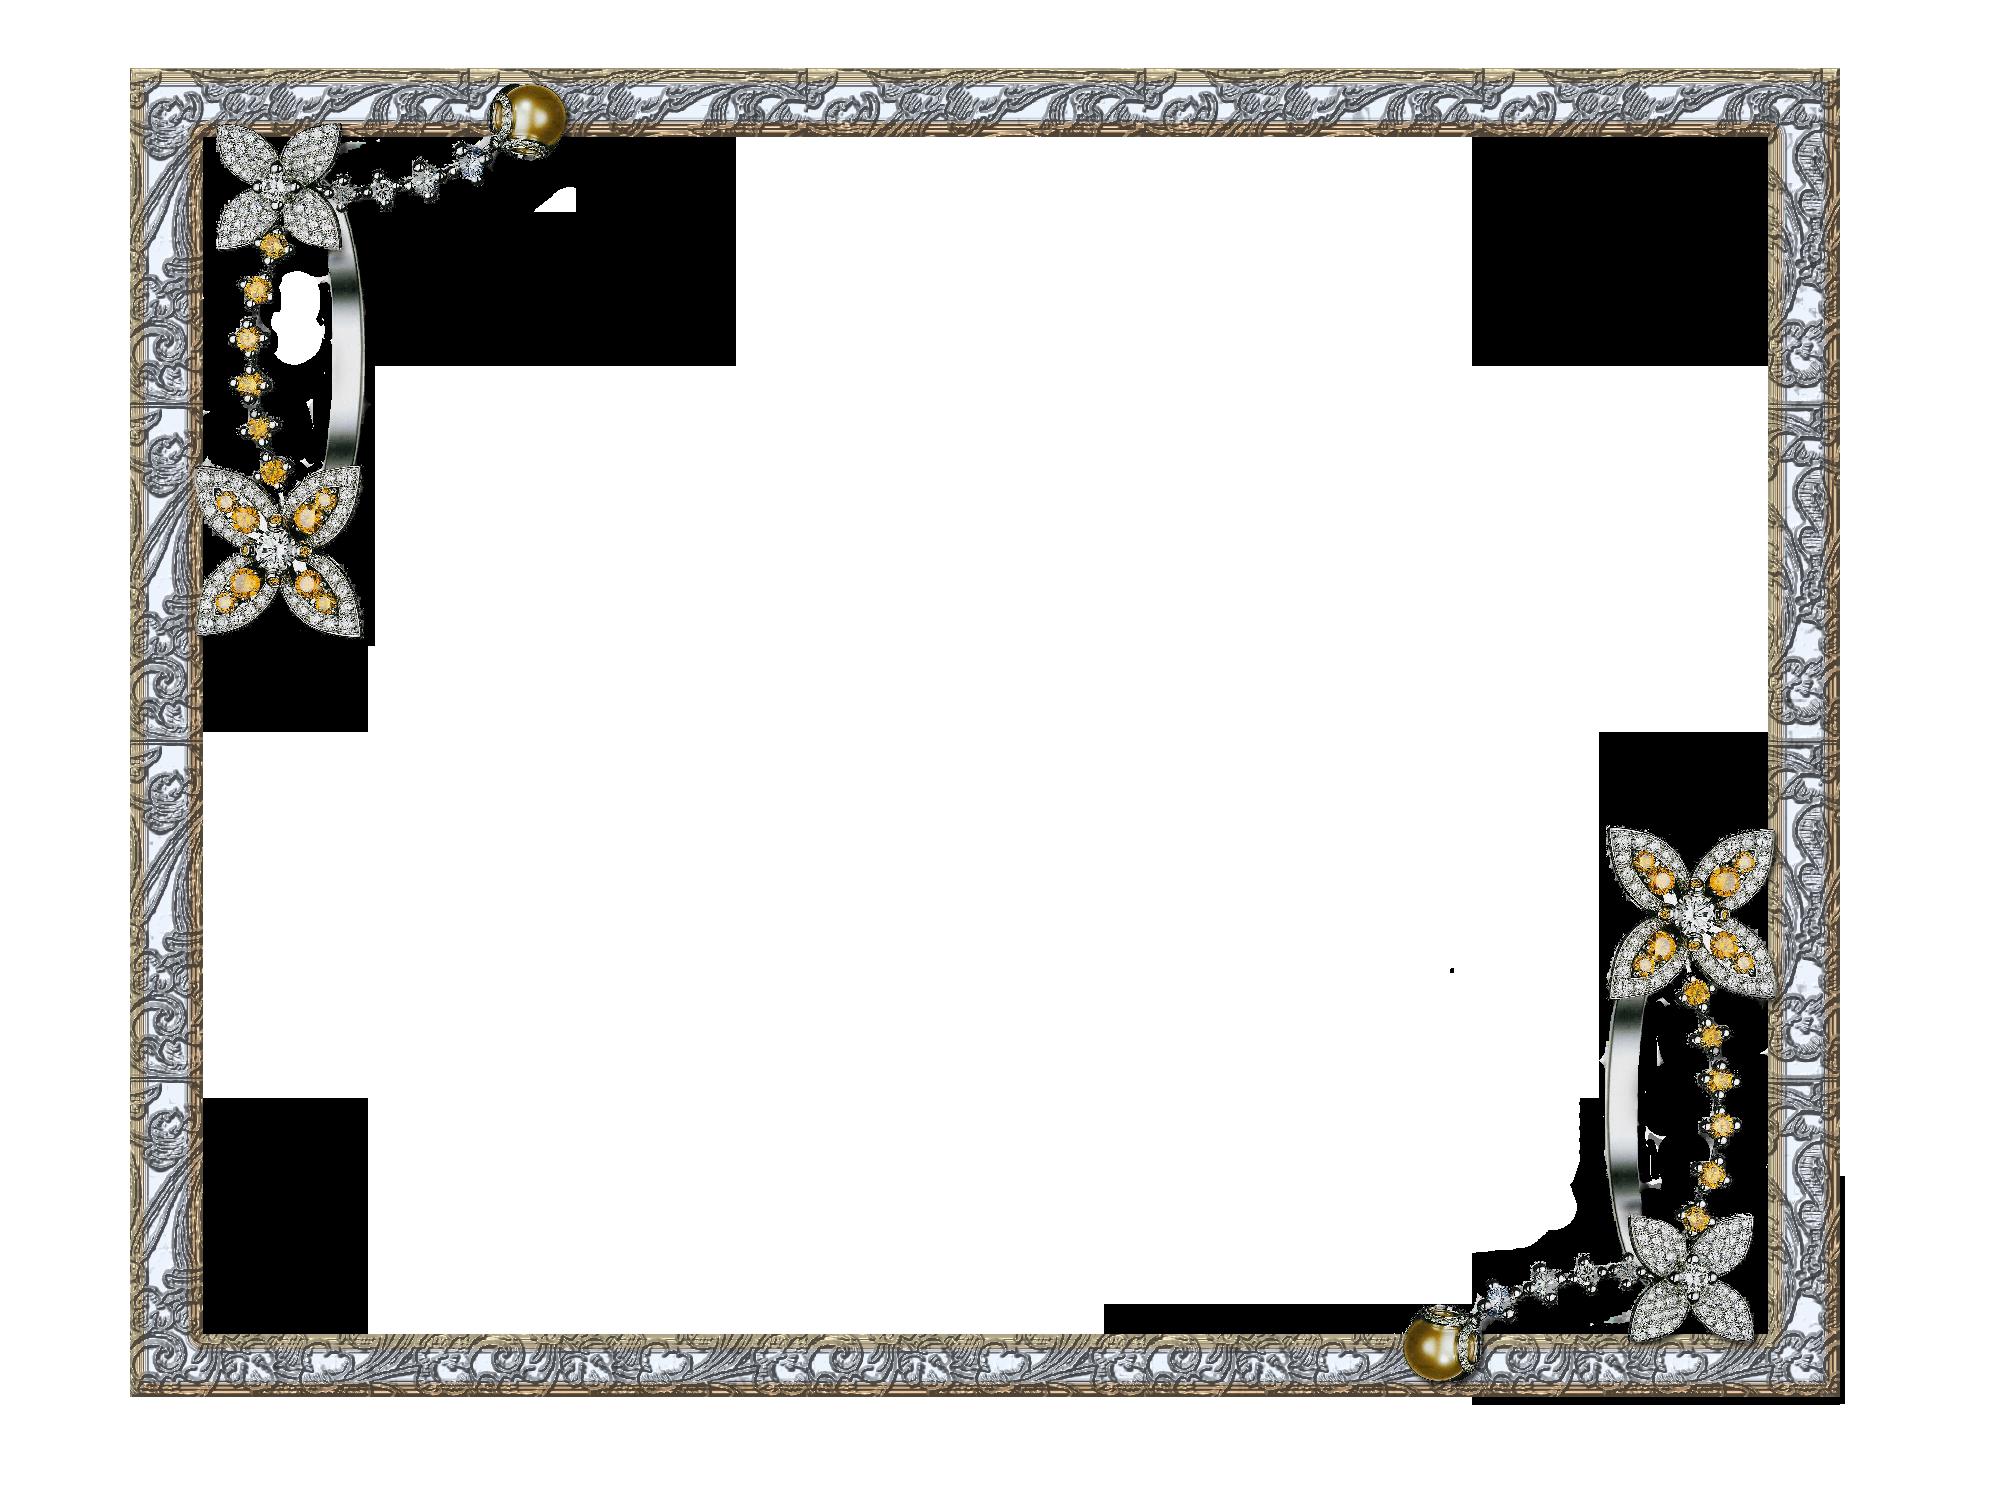 plateado program Halloween frames, Christmas frames, Frame